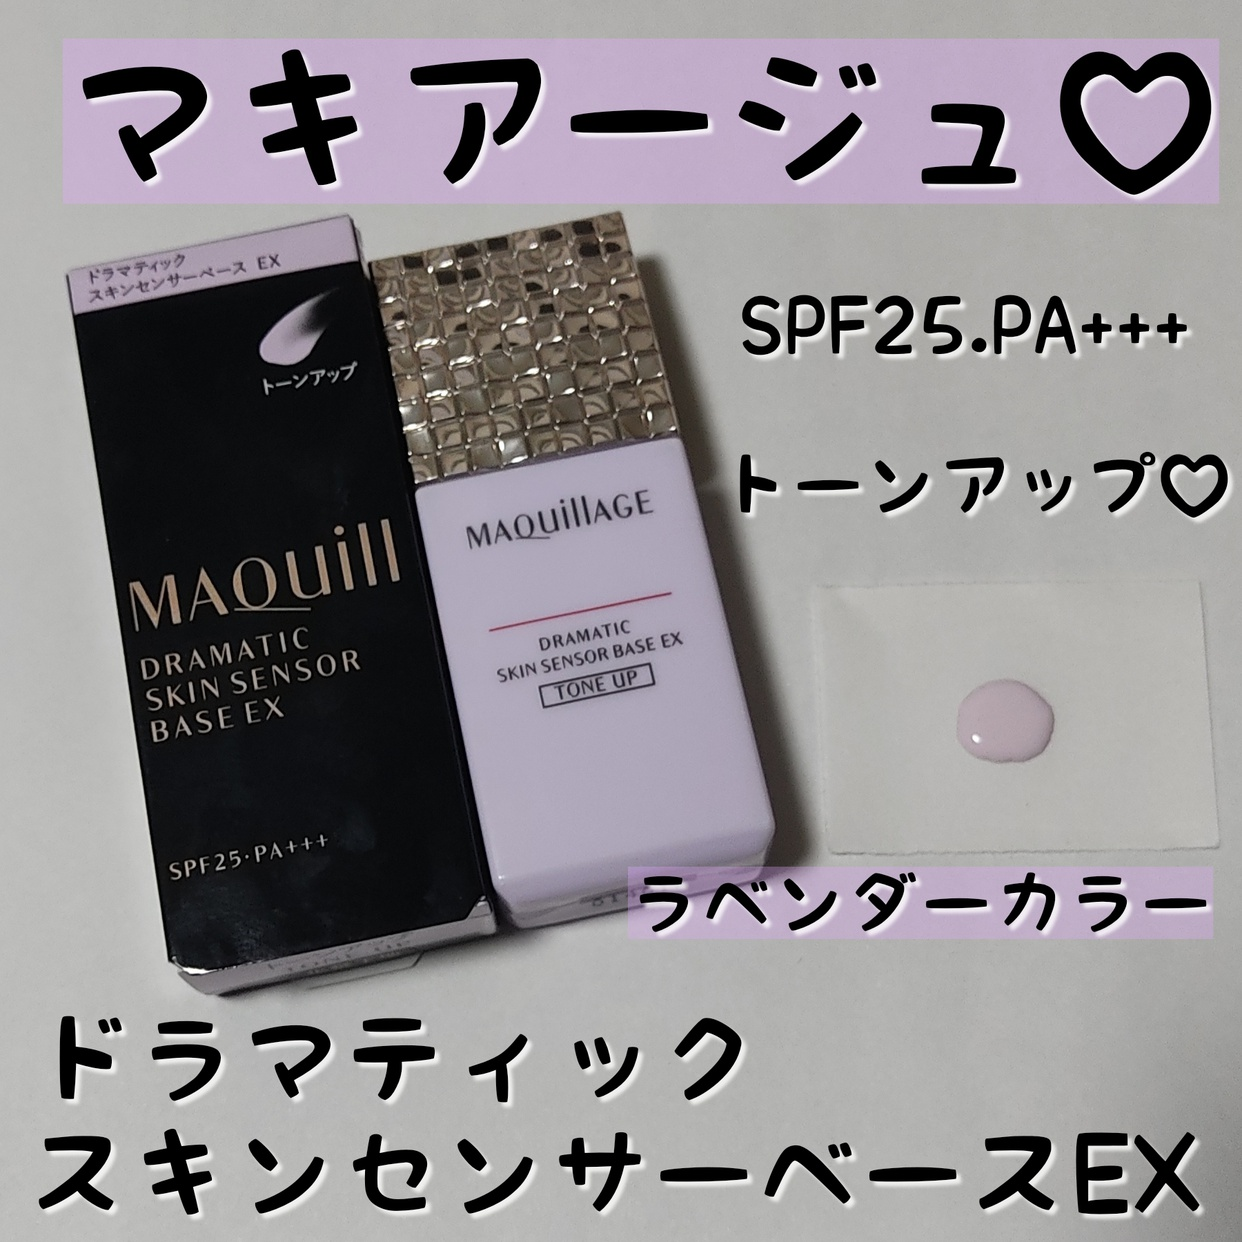 MAQUillAGE(マキアージュ)ドラマティックスキンセンサーベース EXを使ったにゃにゃこさんのクチコミ画像1